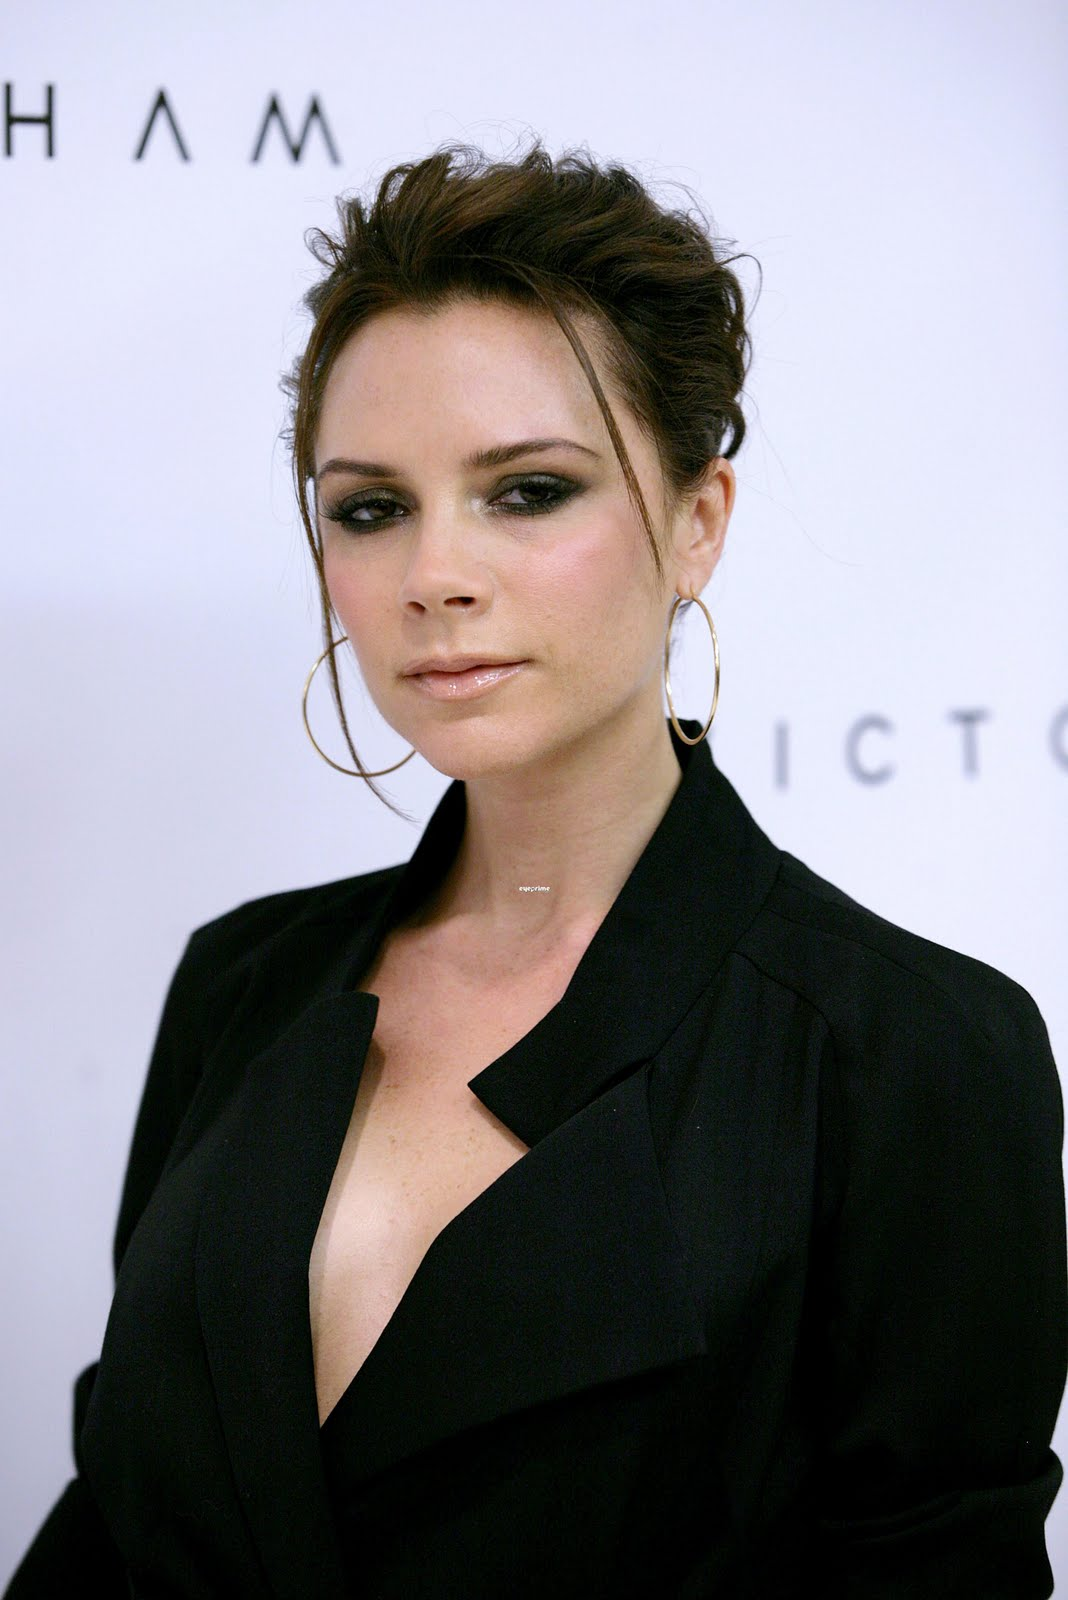 http://2.bp.blogspot.com/_6A8j2EQmANk/S8ROCOqfA0I/AAAAAAAAA5A/CSjfeM3_x2k/s1600/Victoria+Beckham8.jpg